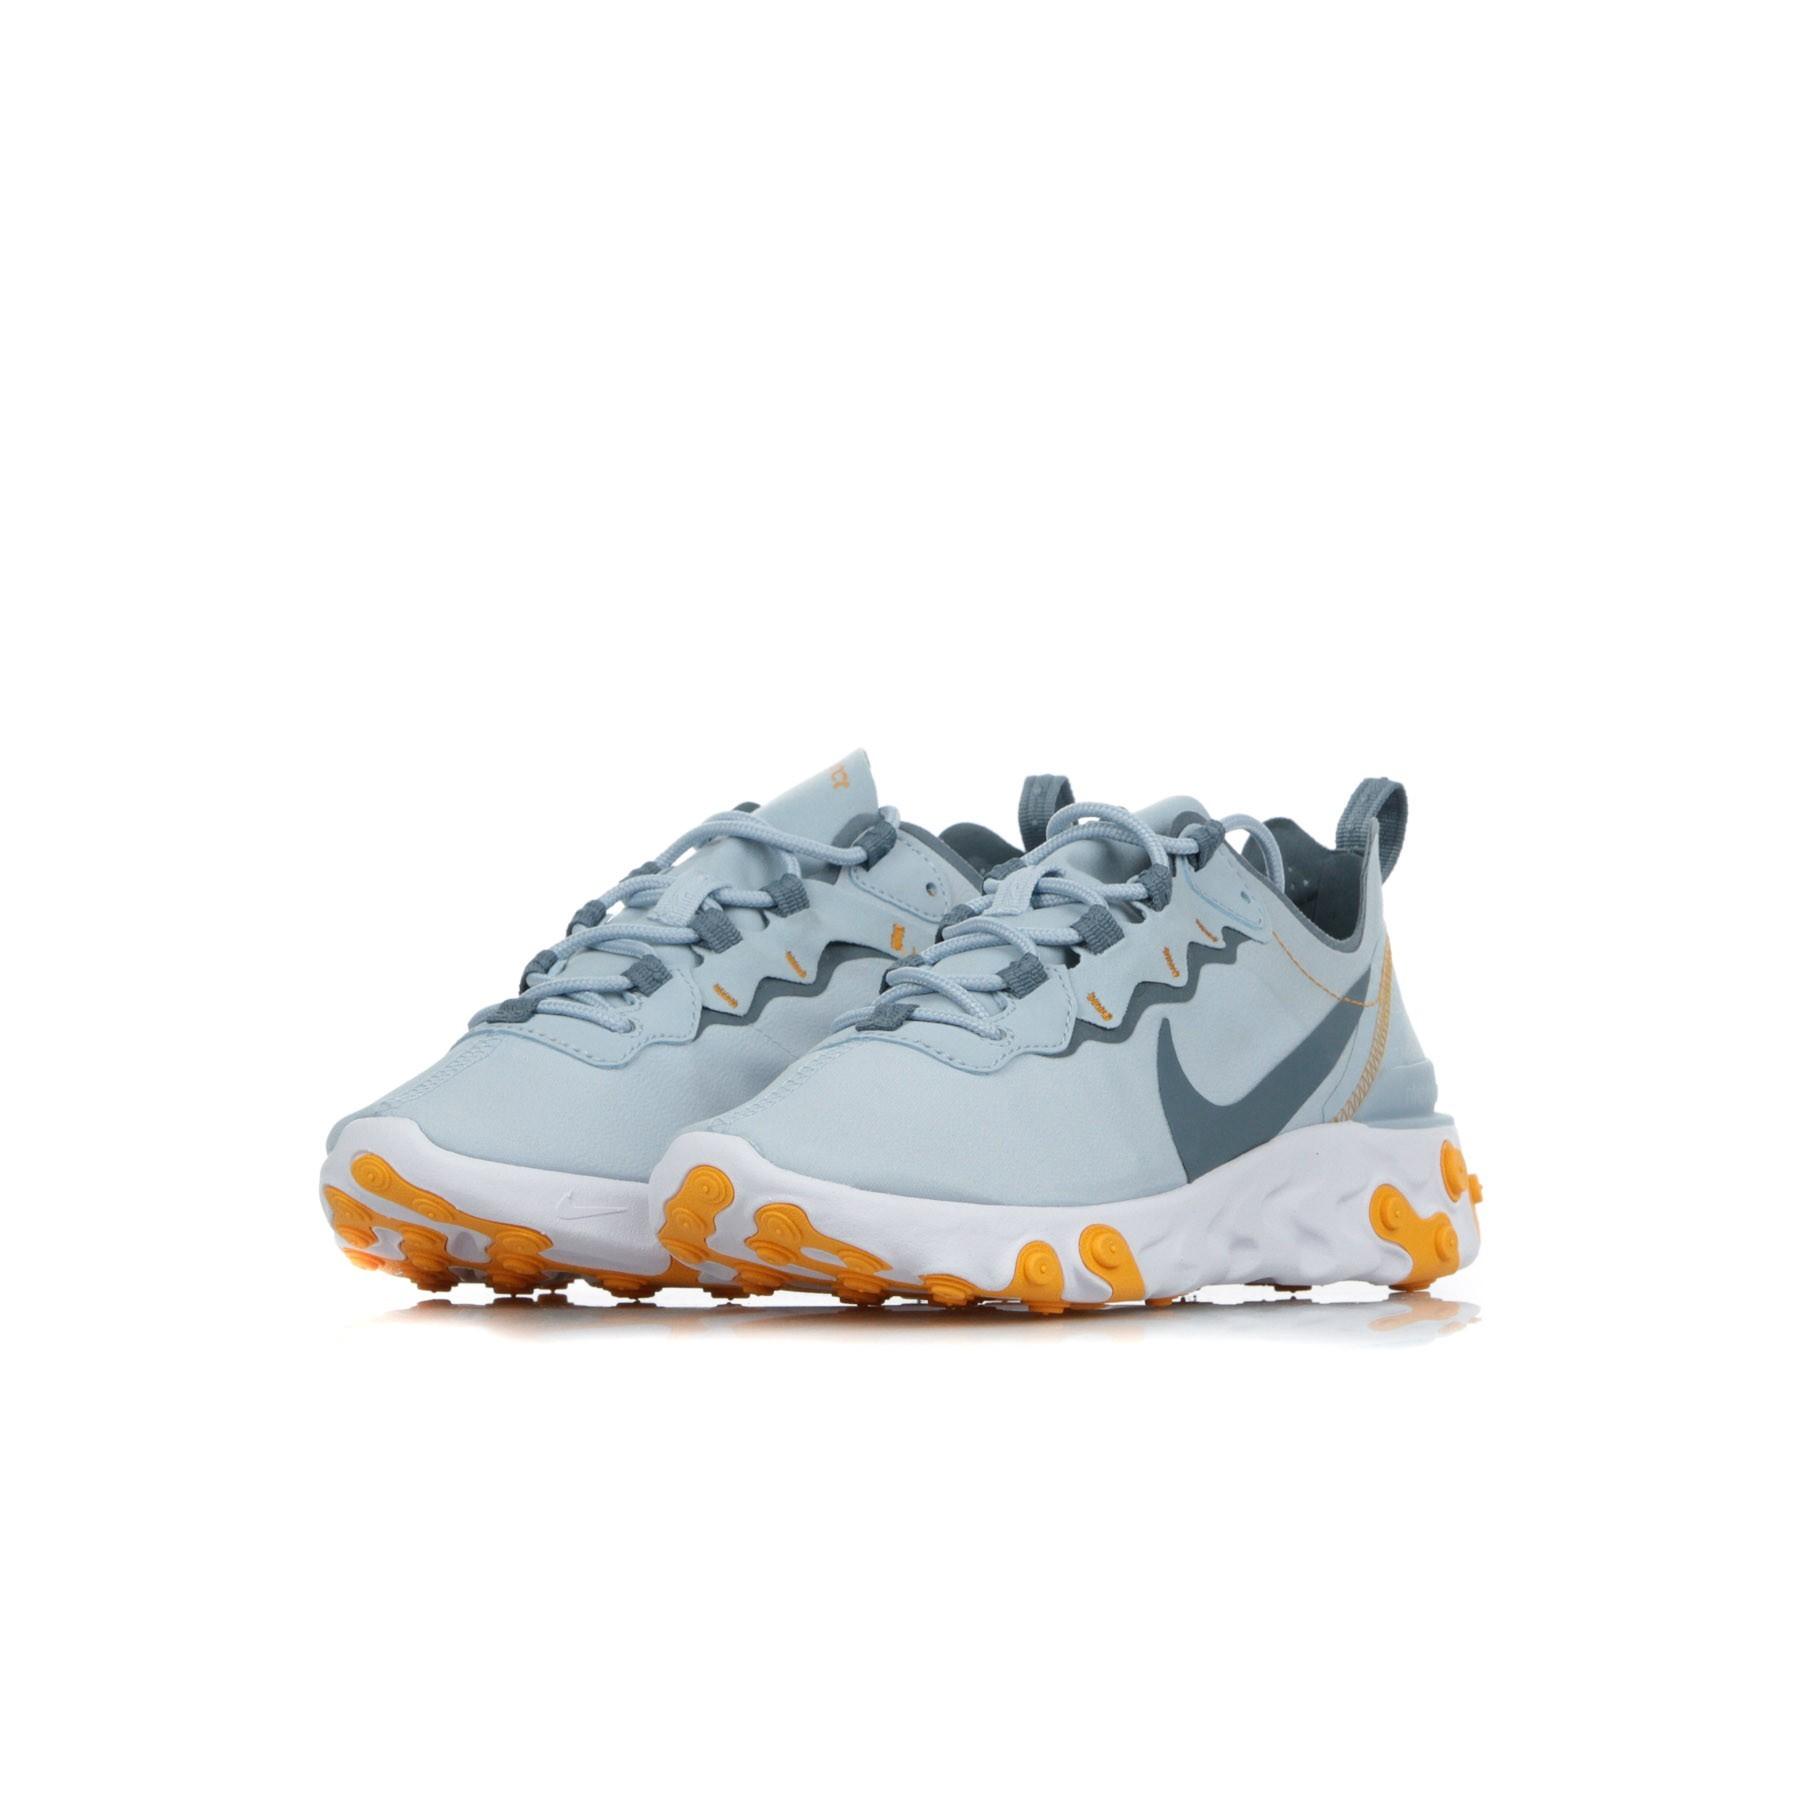 Punta A Sandali Shoes B Crema Aperta D Darline 45alqr3j Geox Amazon 7yY6bfg